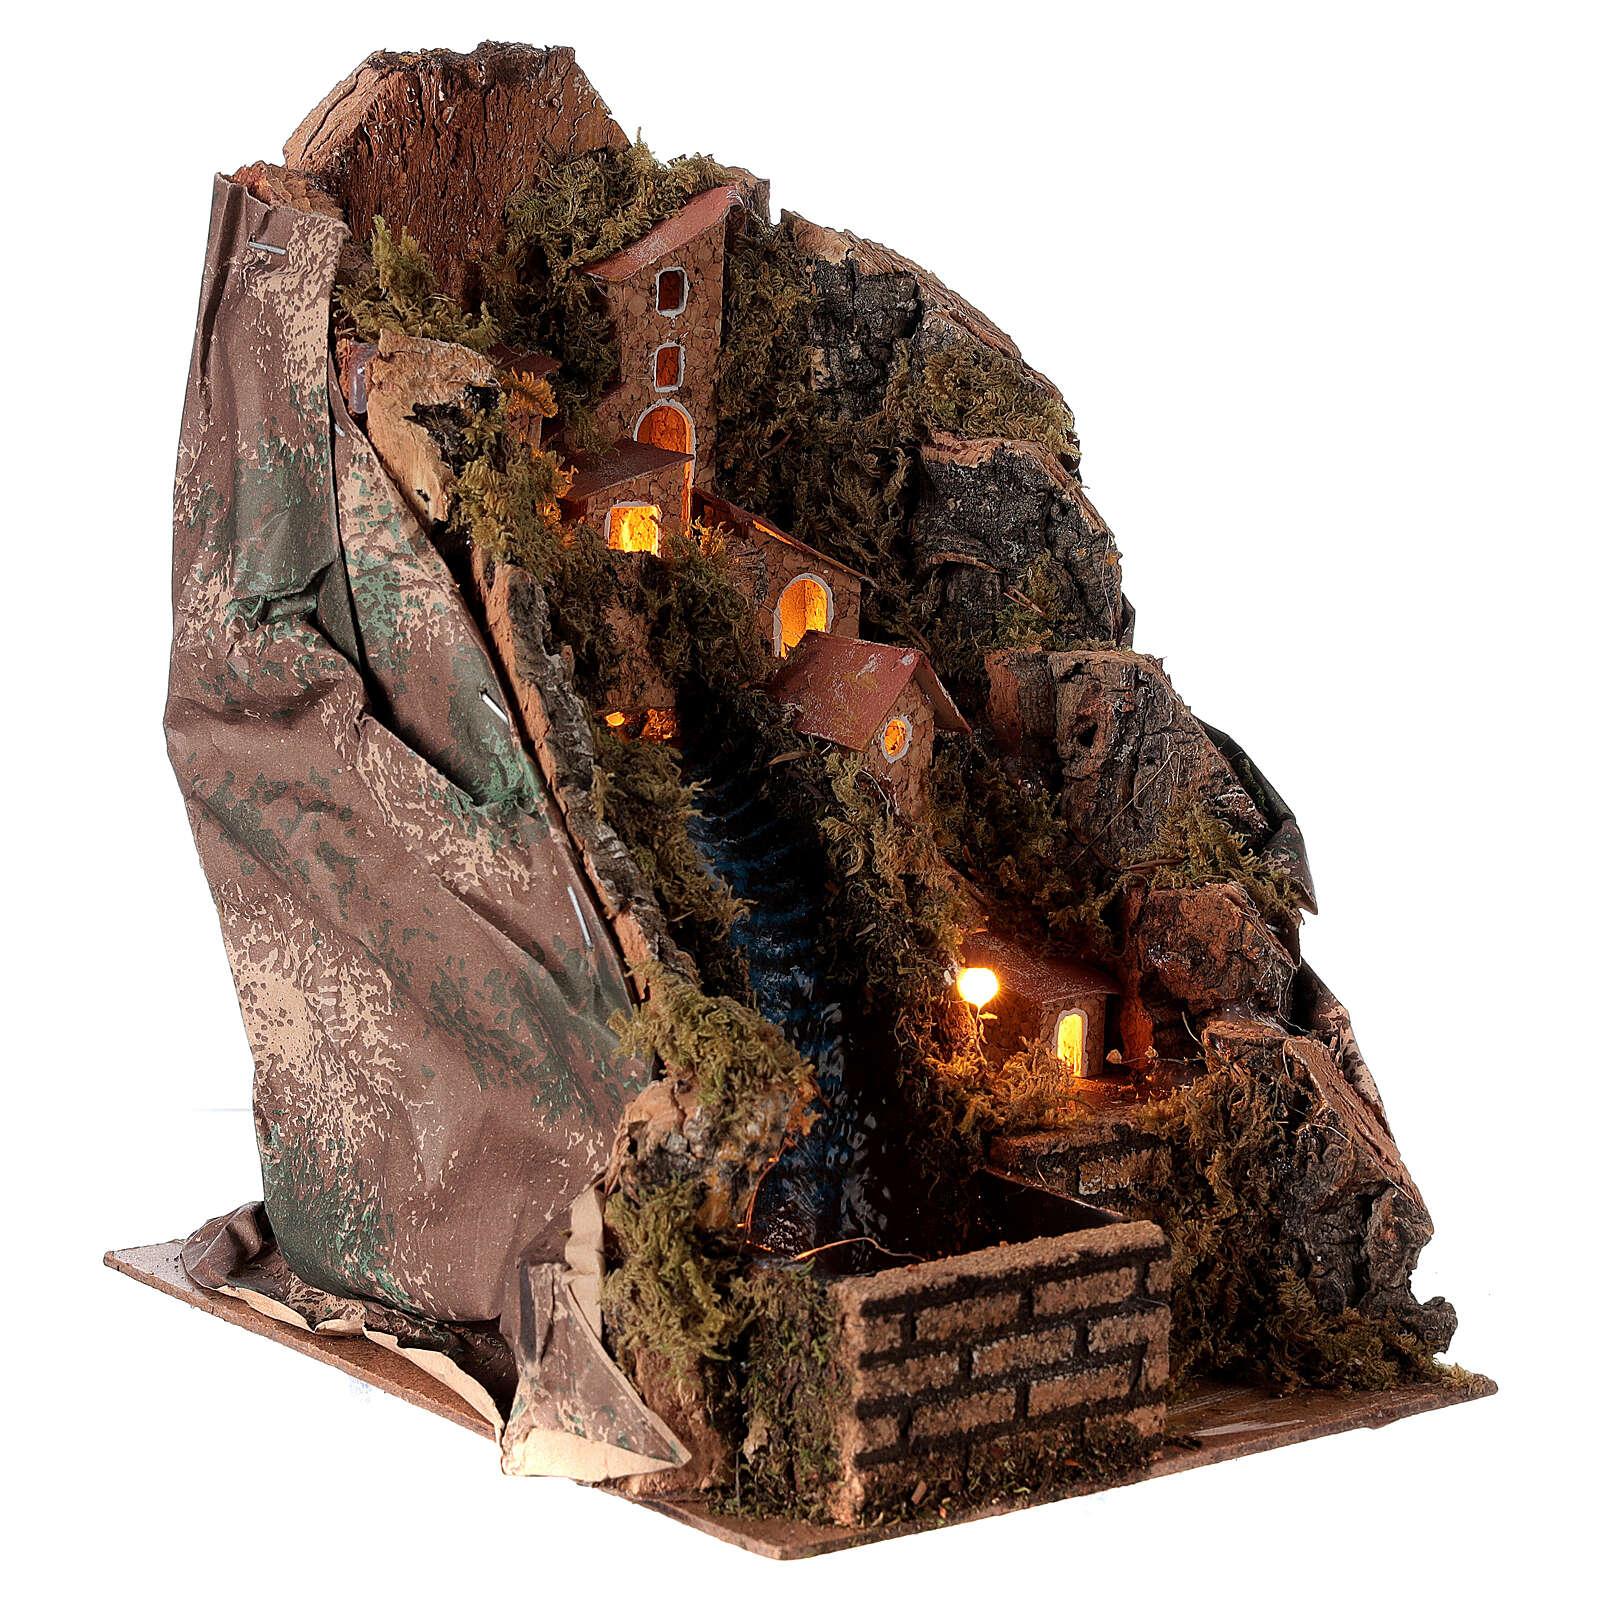 Pueblo iluminado con arroyo 20x15x20 cm belén 8-10 cm 4